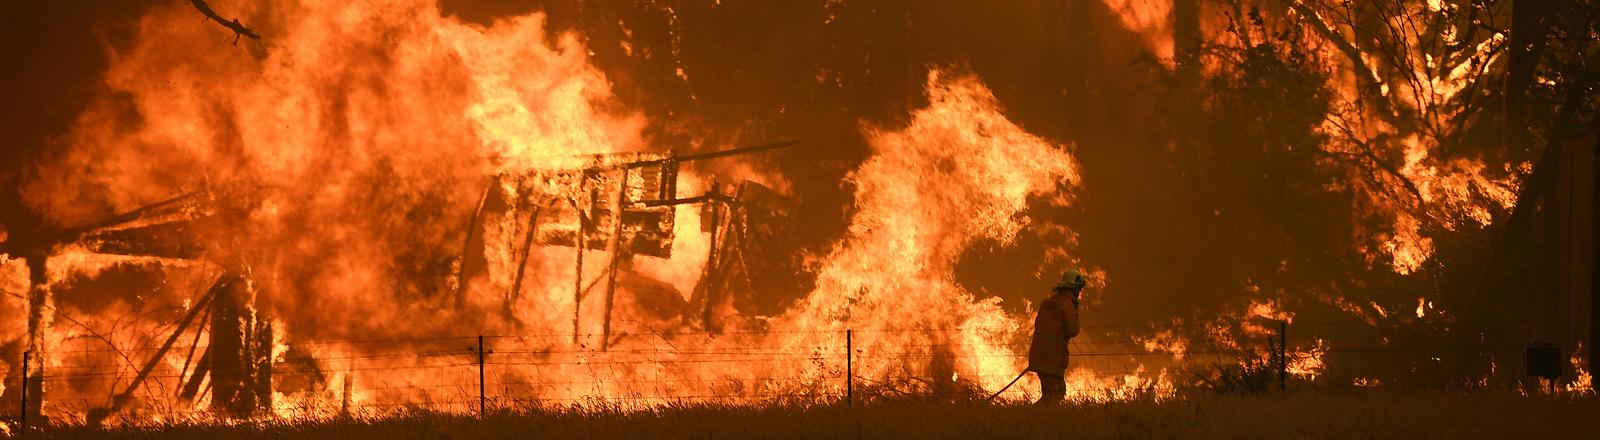 Buschbrände in Australien.